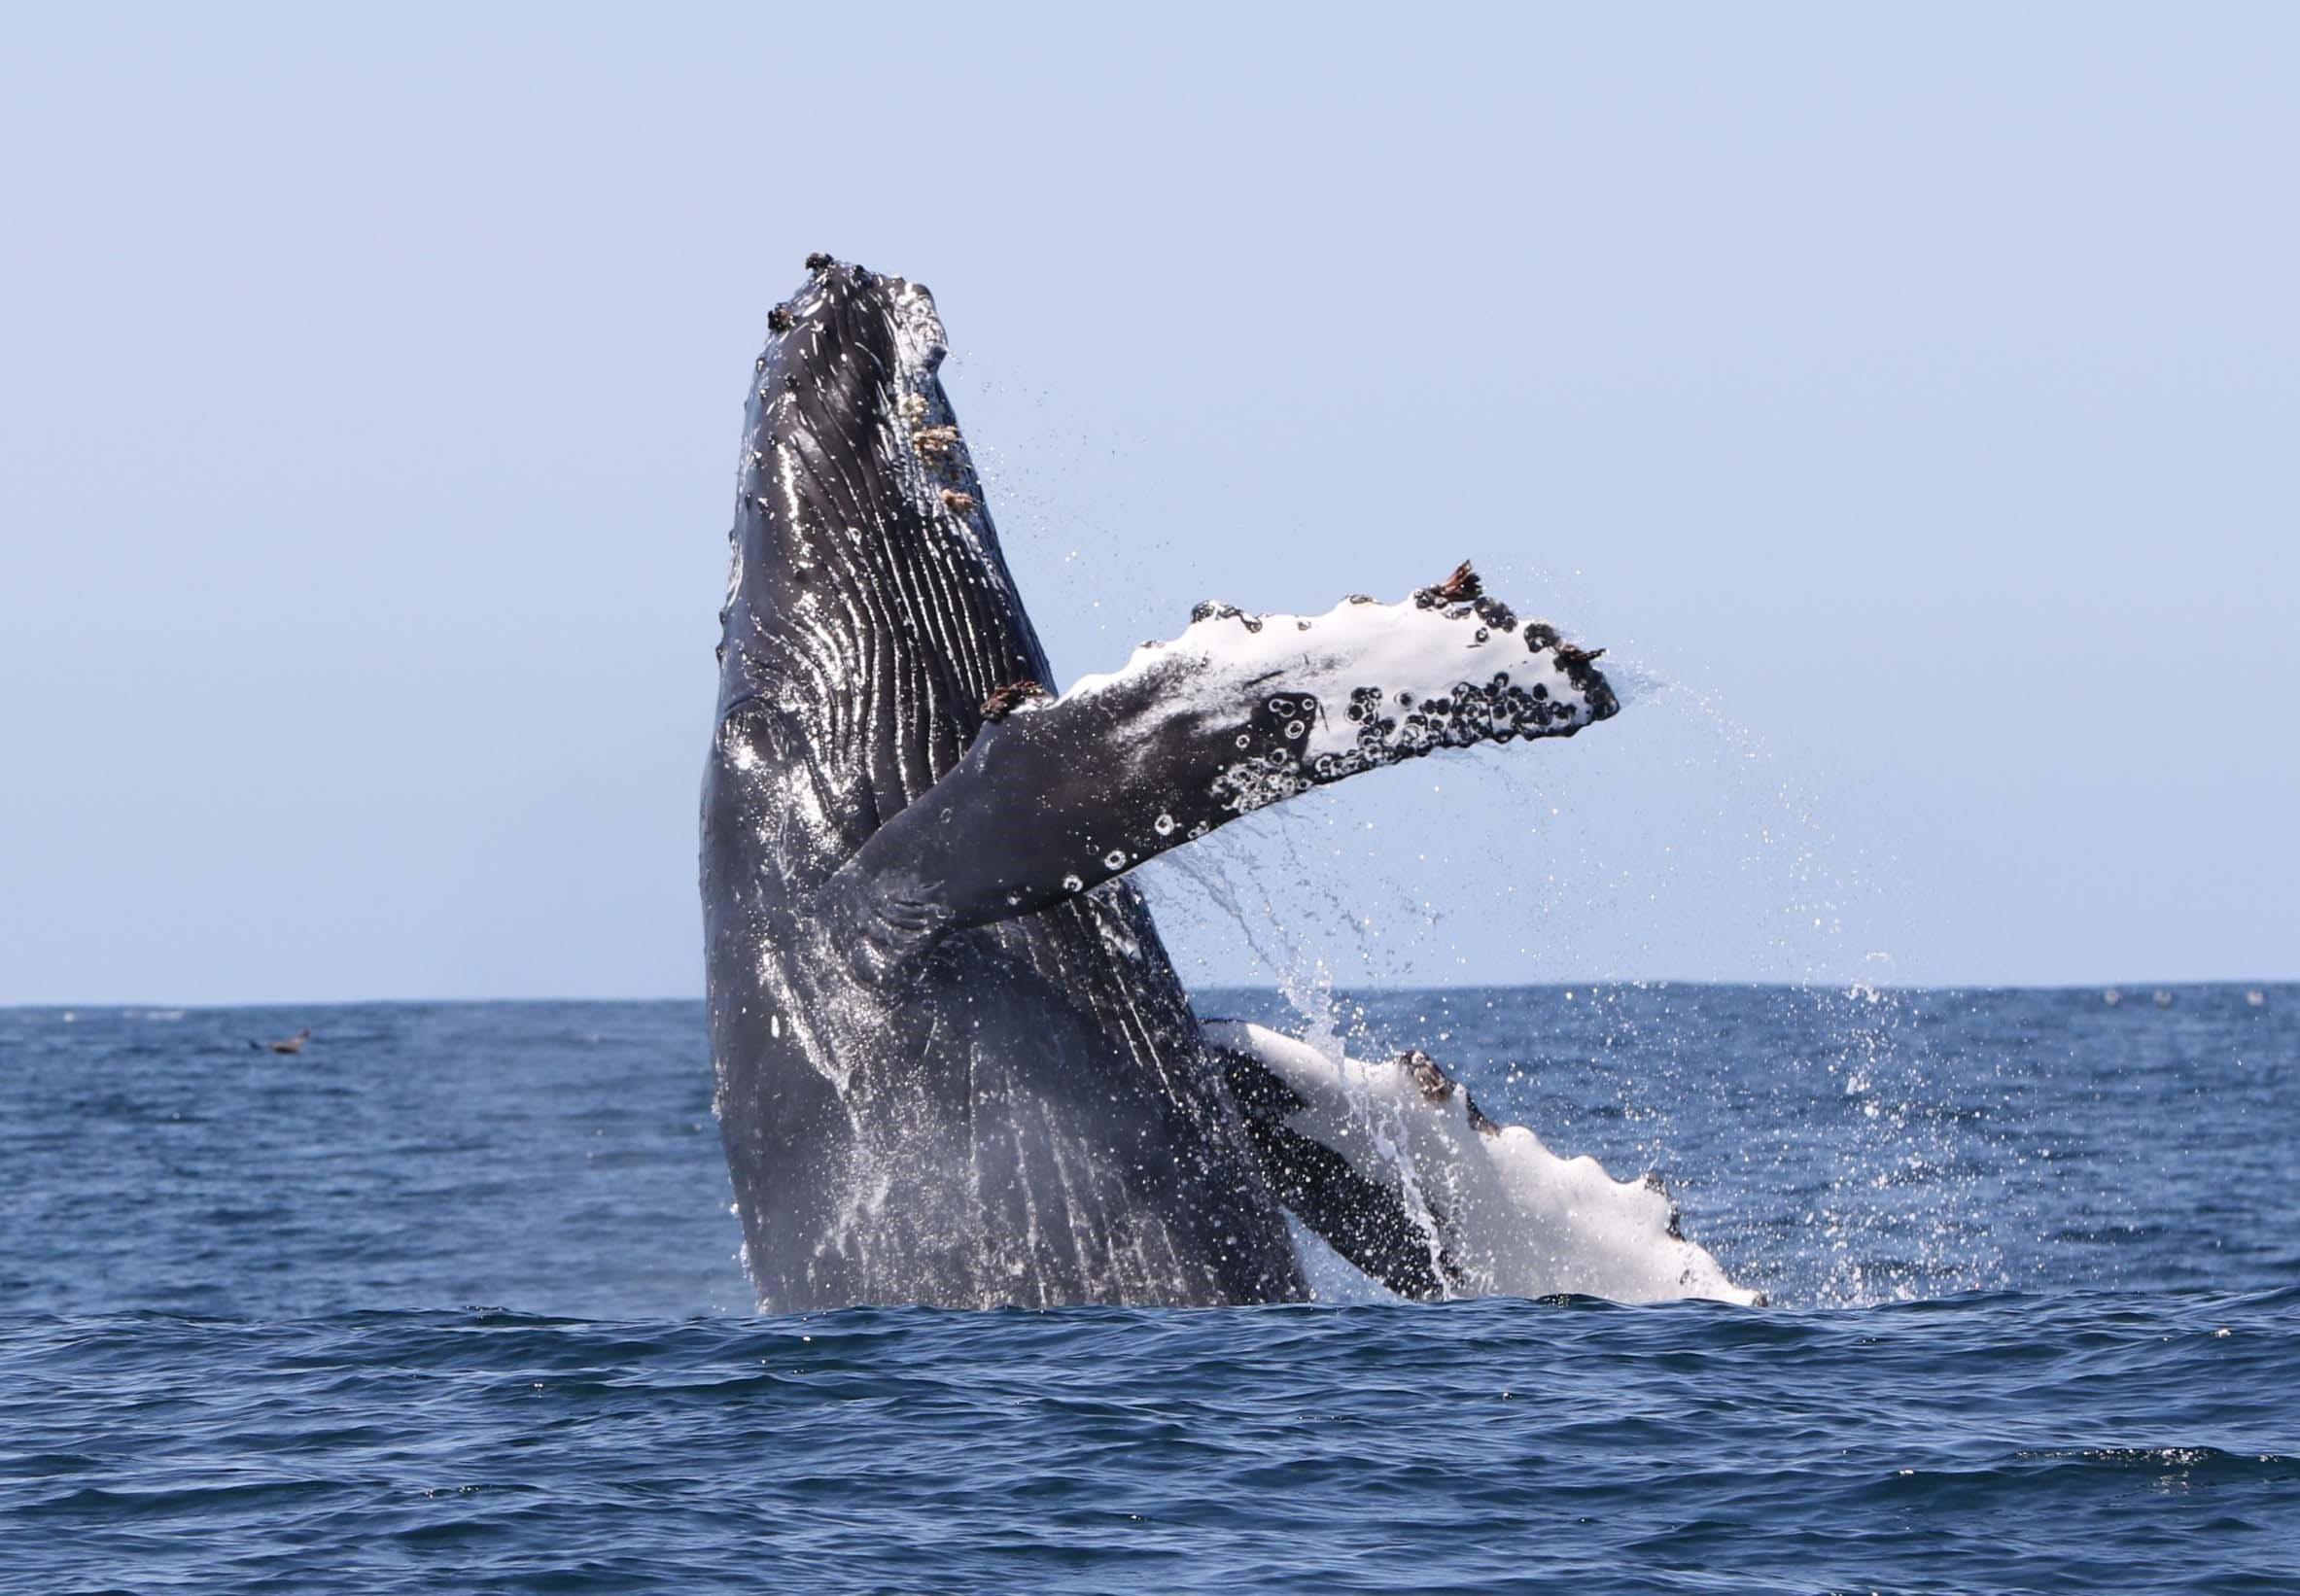 Китовое сафари в Рейкьявике